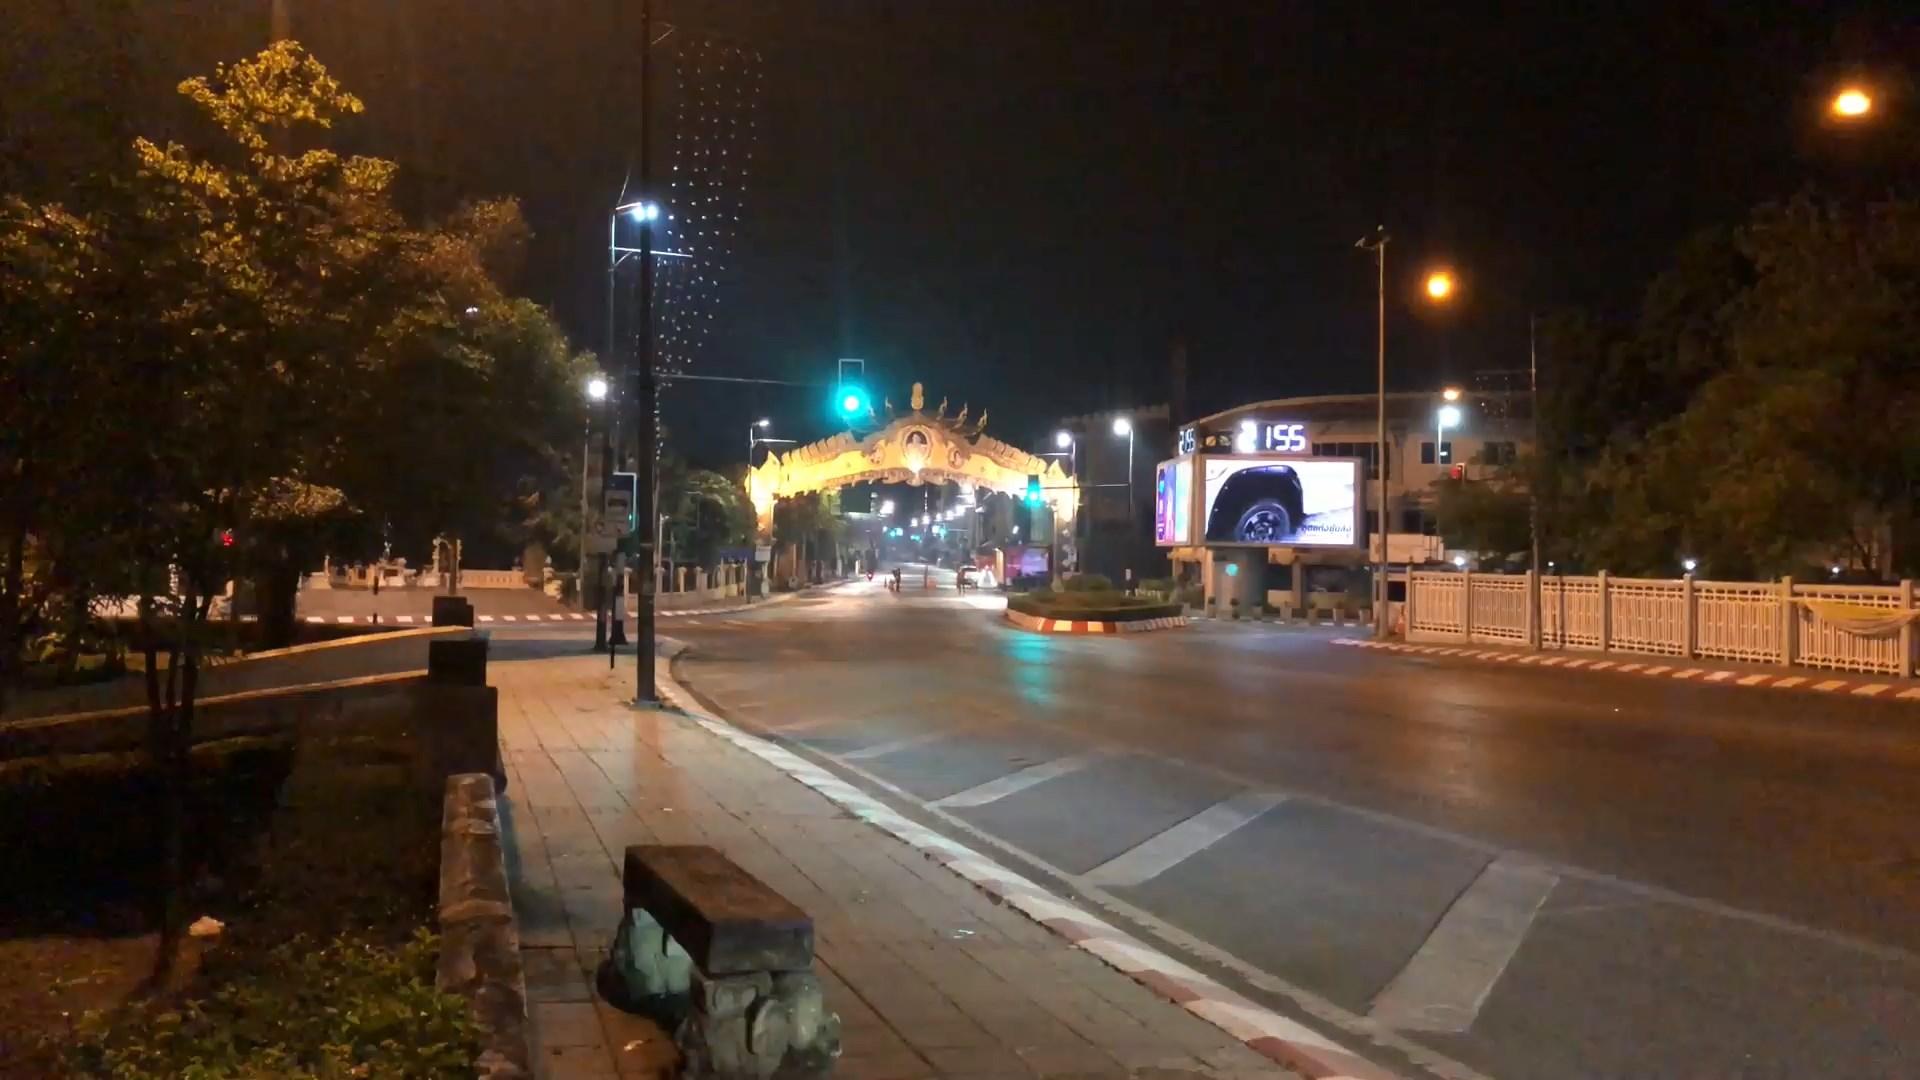 เชียงใหม่บูรณาการคุมเข้มเคอร์ฟิวคืนแรกเงียบสงัดทั้งเมือง